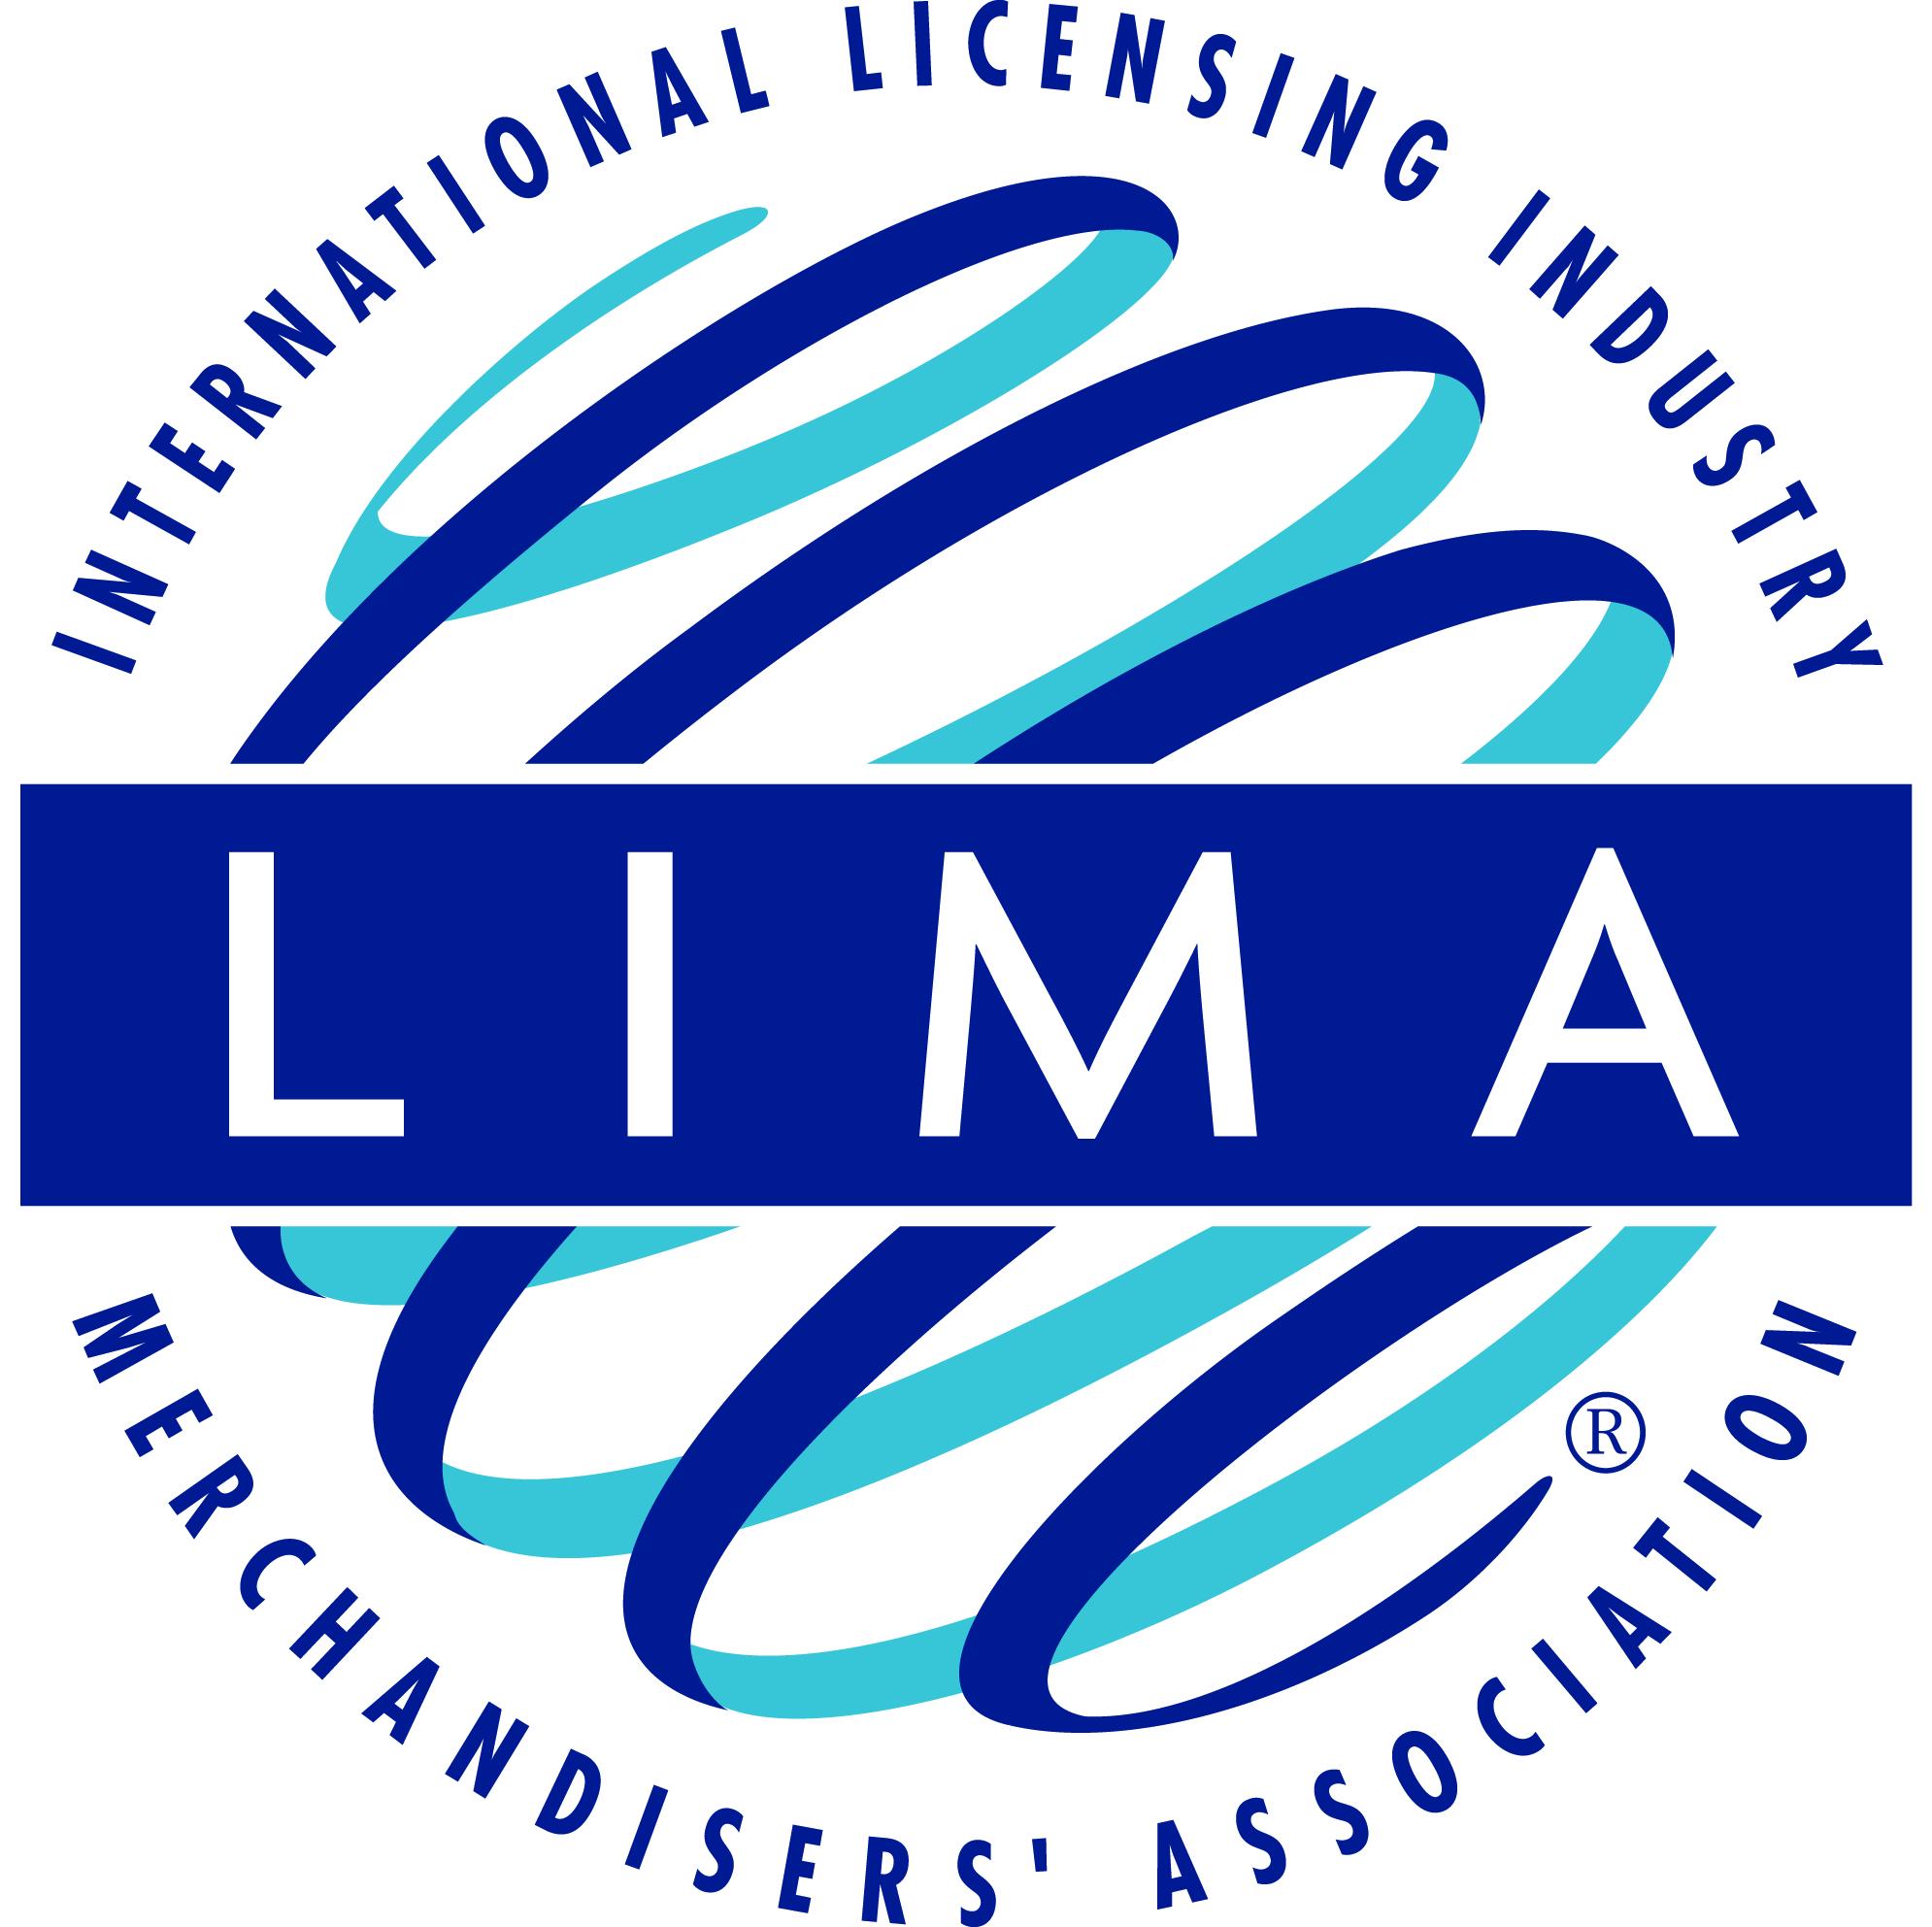 Lima(2)